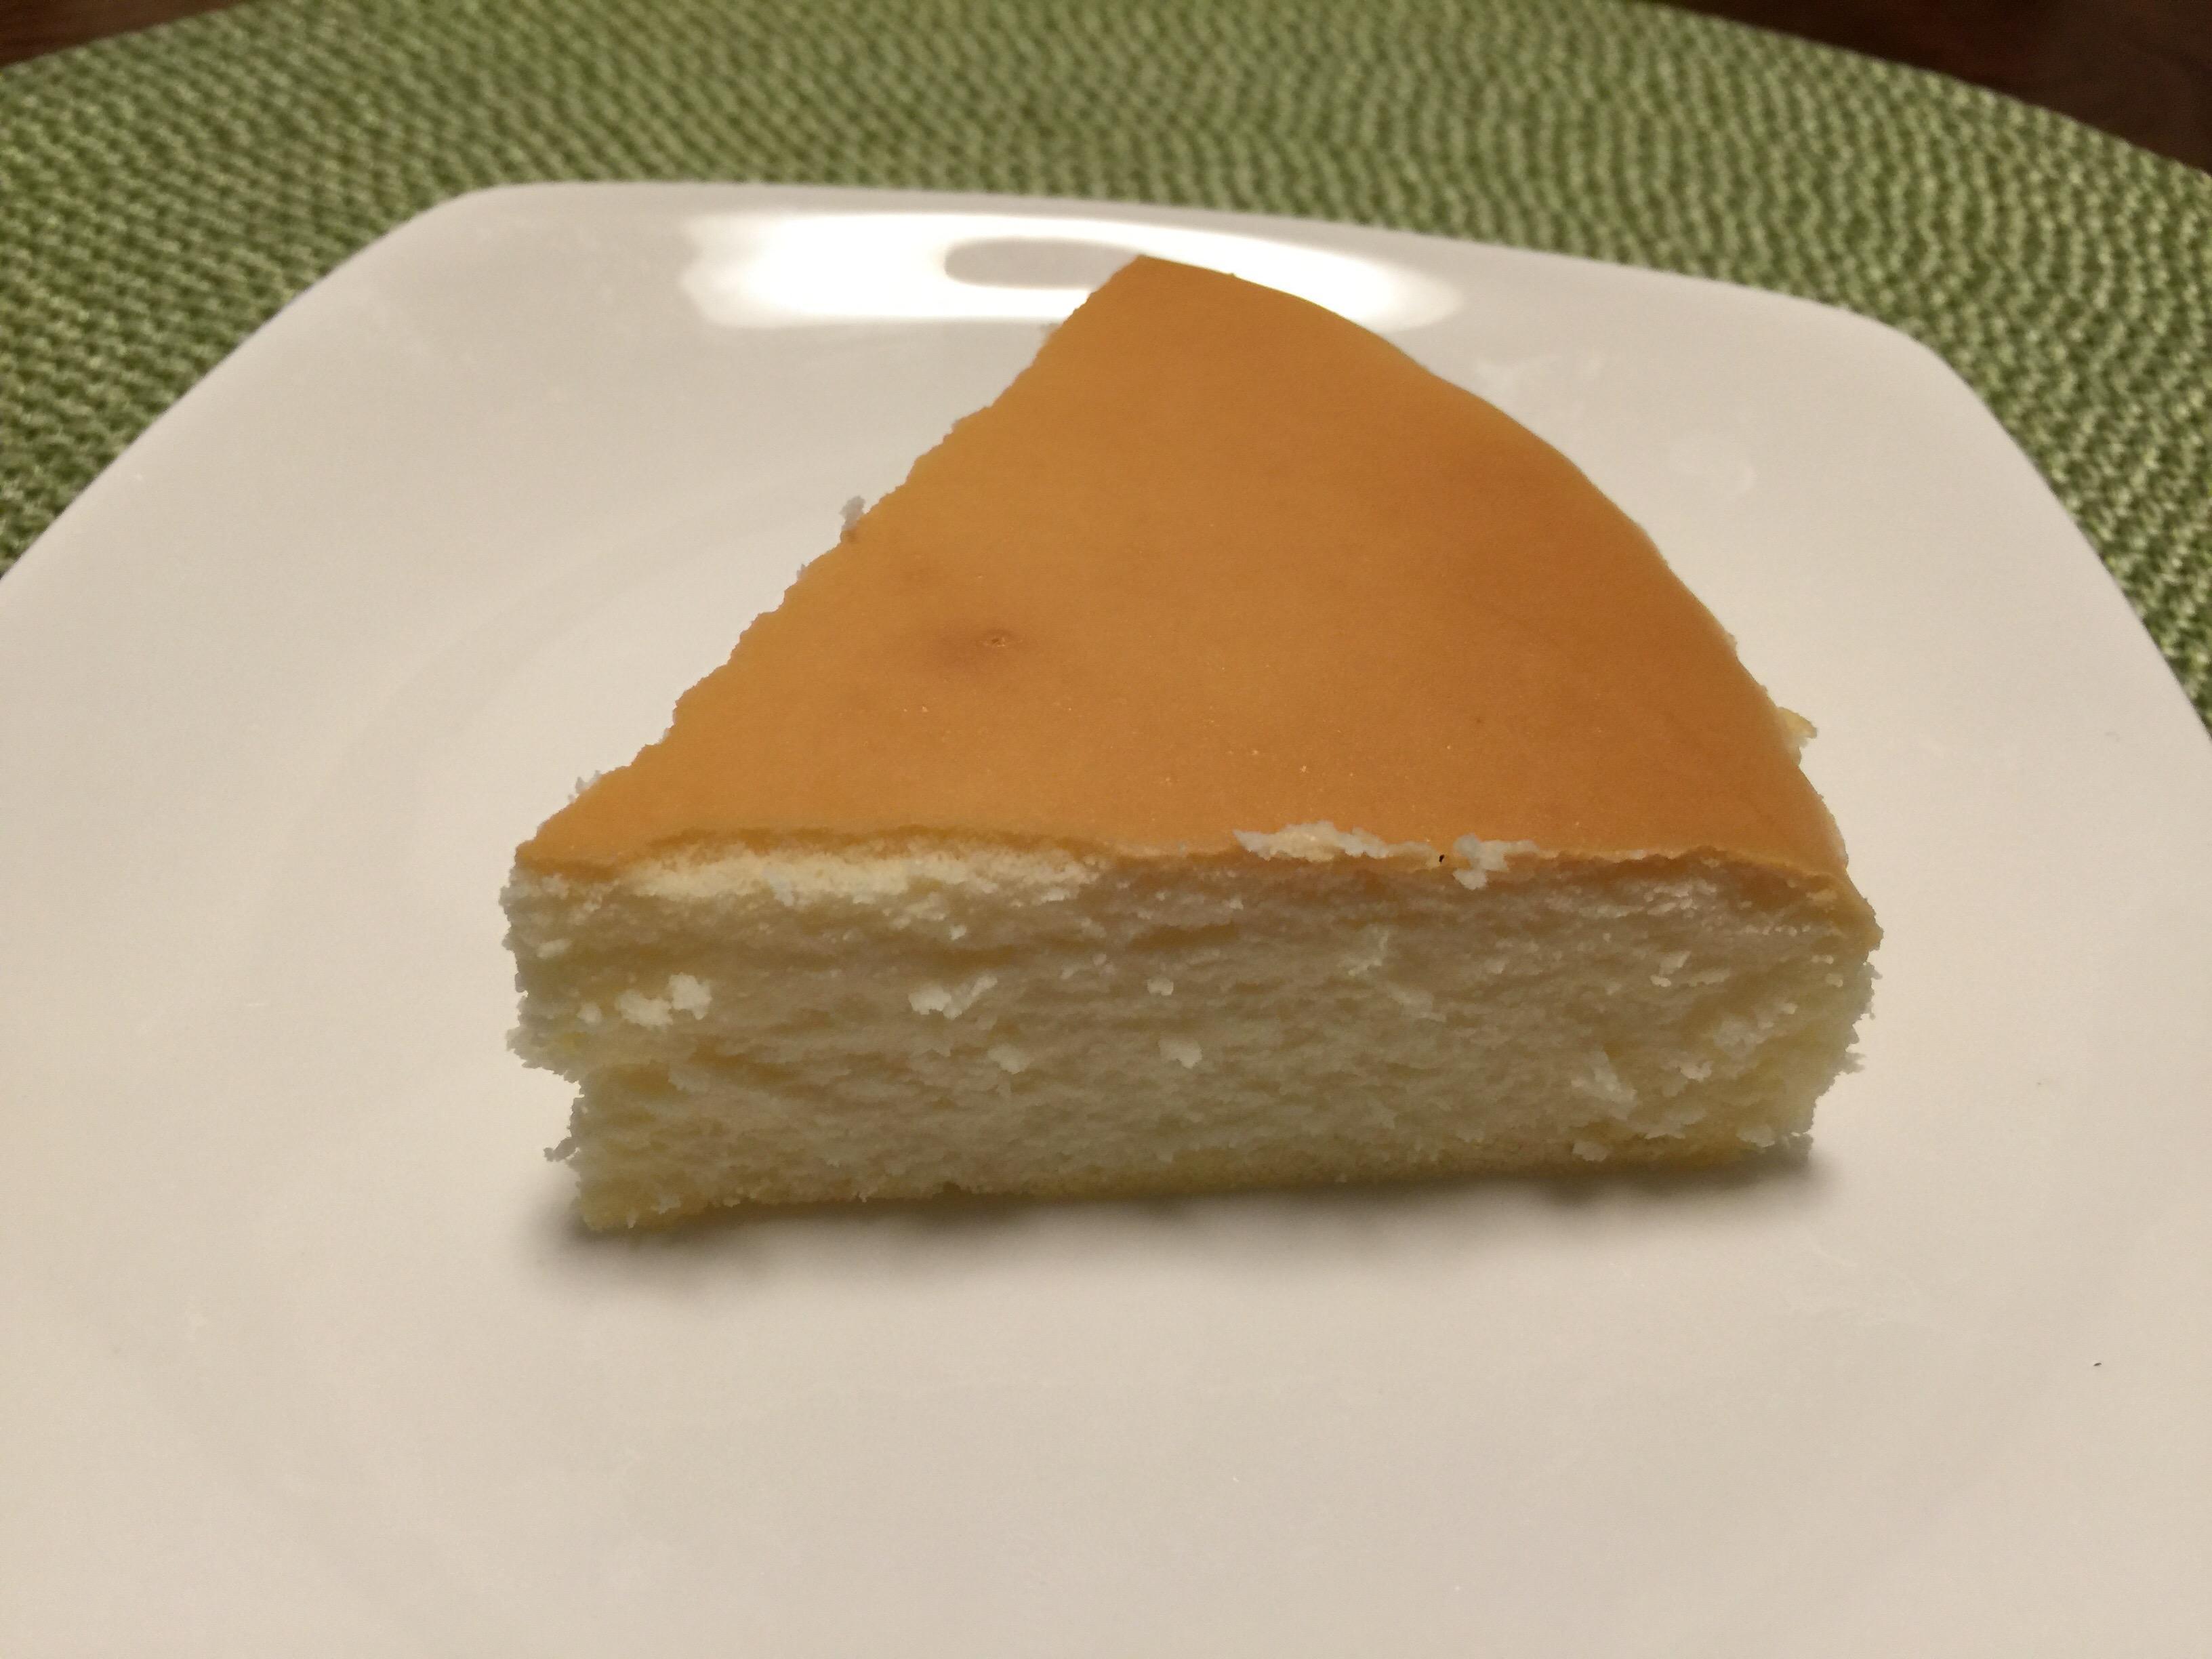 那須高原チーズガーデンから御用邸チーズケーキをお取り寄せ 絶妙な甘さで美味しい!